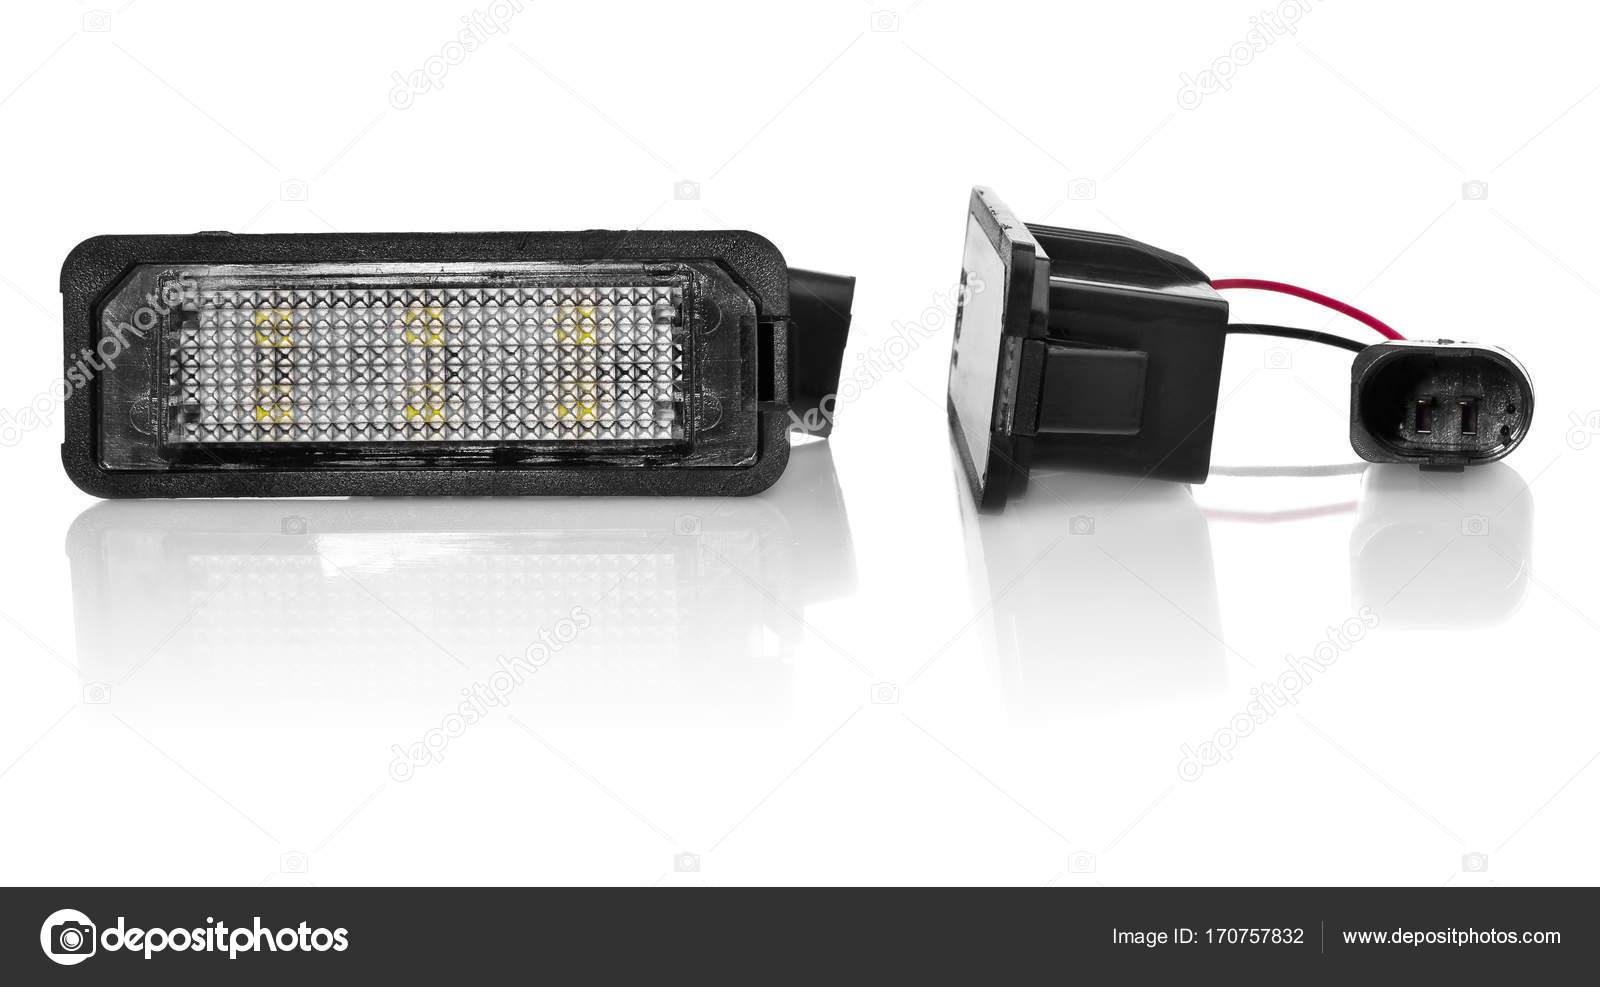 Lumière Led VoitureVoiture Ampoules De Lampes Pour 8nZwPXN0Ok